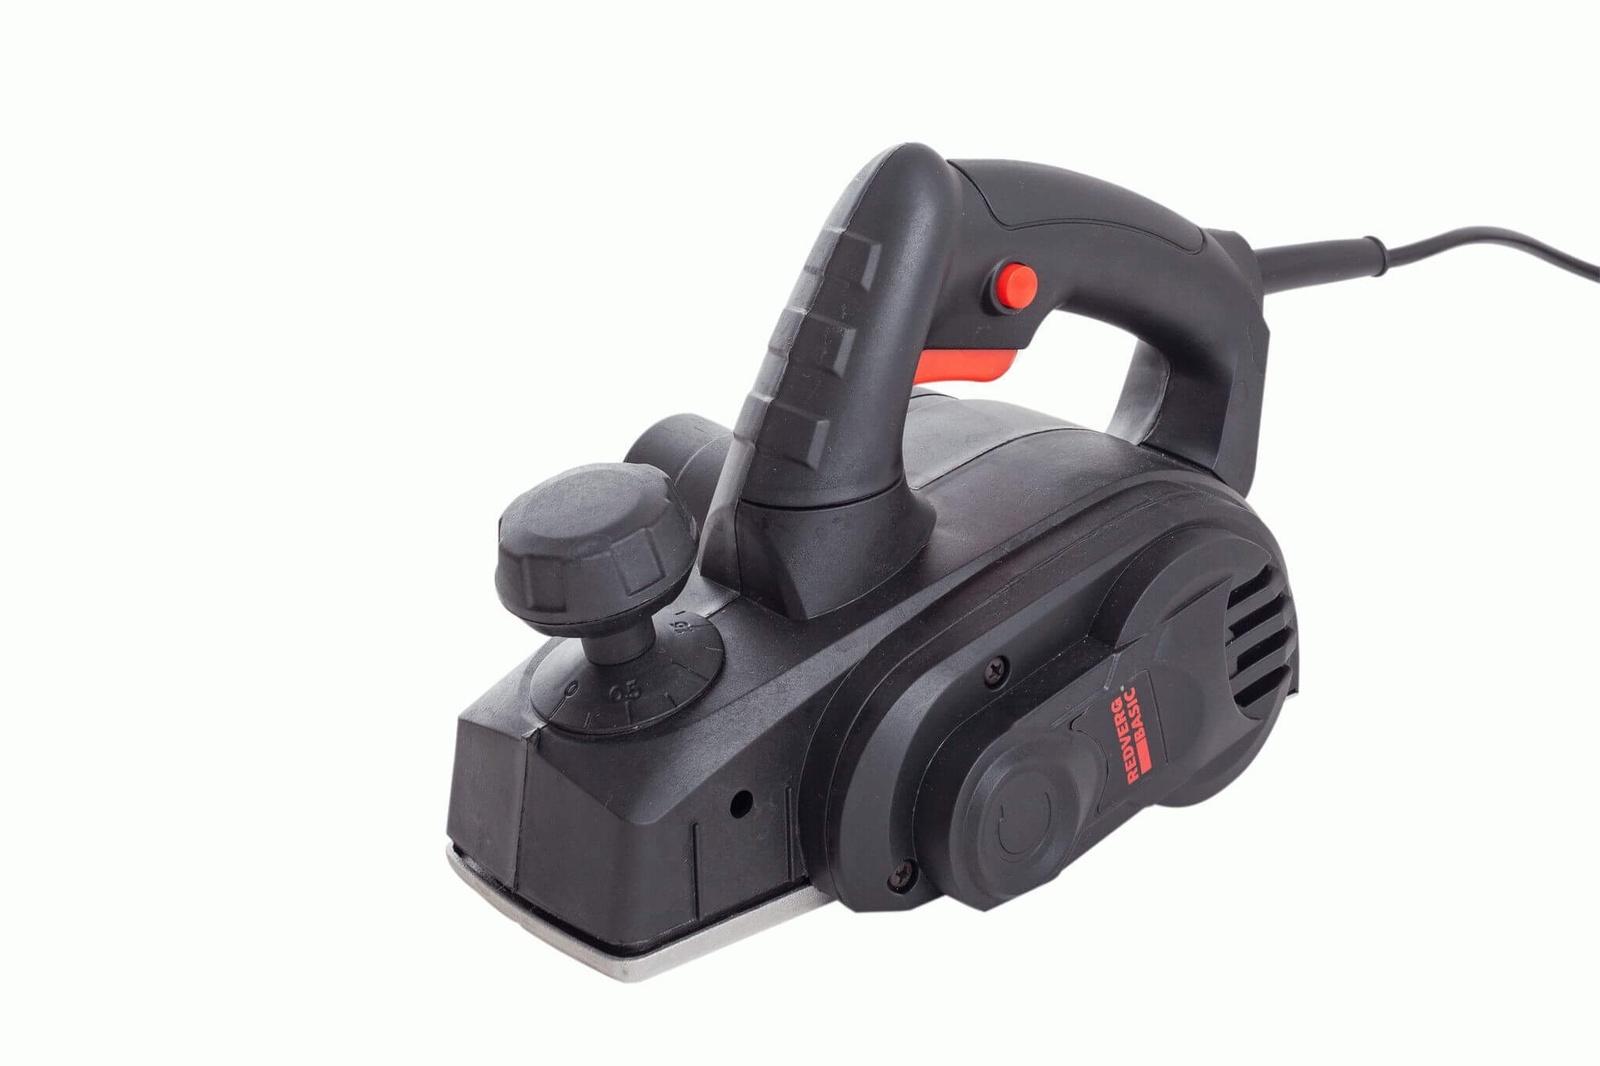 Электрорубанок RedVerg Рубанок электрический BasicP650-82Электрический рубанок RedVerg Basic P650-82 предназначен для интенсивного, но не каждодневного использования. С его помощью проводят работы по строганию, обработке краем и фальцеванию древесины. Все детали инструмента расположены на широкоподшипниках, что обеспечивает дополнительную надежность проведения работ. Ширина строгания составляет 82 мм, а глубина – от 0 до 2 мм. Модель имеет возможность подключения к пылесосы для поддержания рабочего места в чистоте. Важные технические характеристики: медная обмотка редуктора – позволяет избежать короткого замыкания, продлевая срок эксплуатации инструмента двухсторонние твердосплавные ножи – располагаются в литом алюминиевом барабане и обеспечивают максимально качественный результат работы надежная конструкция – дает возможность проводить работы в течении длительного времени. Мощность(Вт): 650 Ширина ножа: 82 Макс. толщина среза: 2 Регулировка глубины строгания: есть Возможность подключения к пылесосу: есть Макс. обороты: 16000